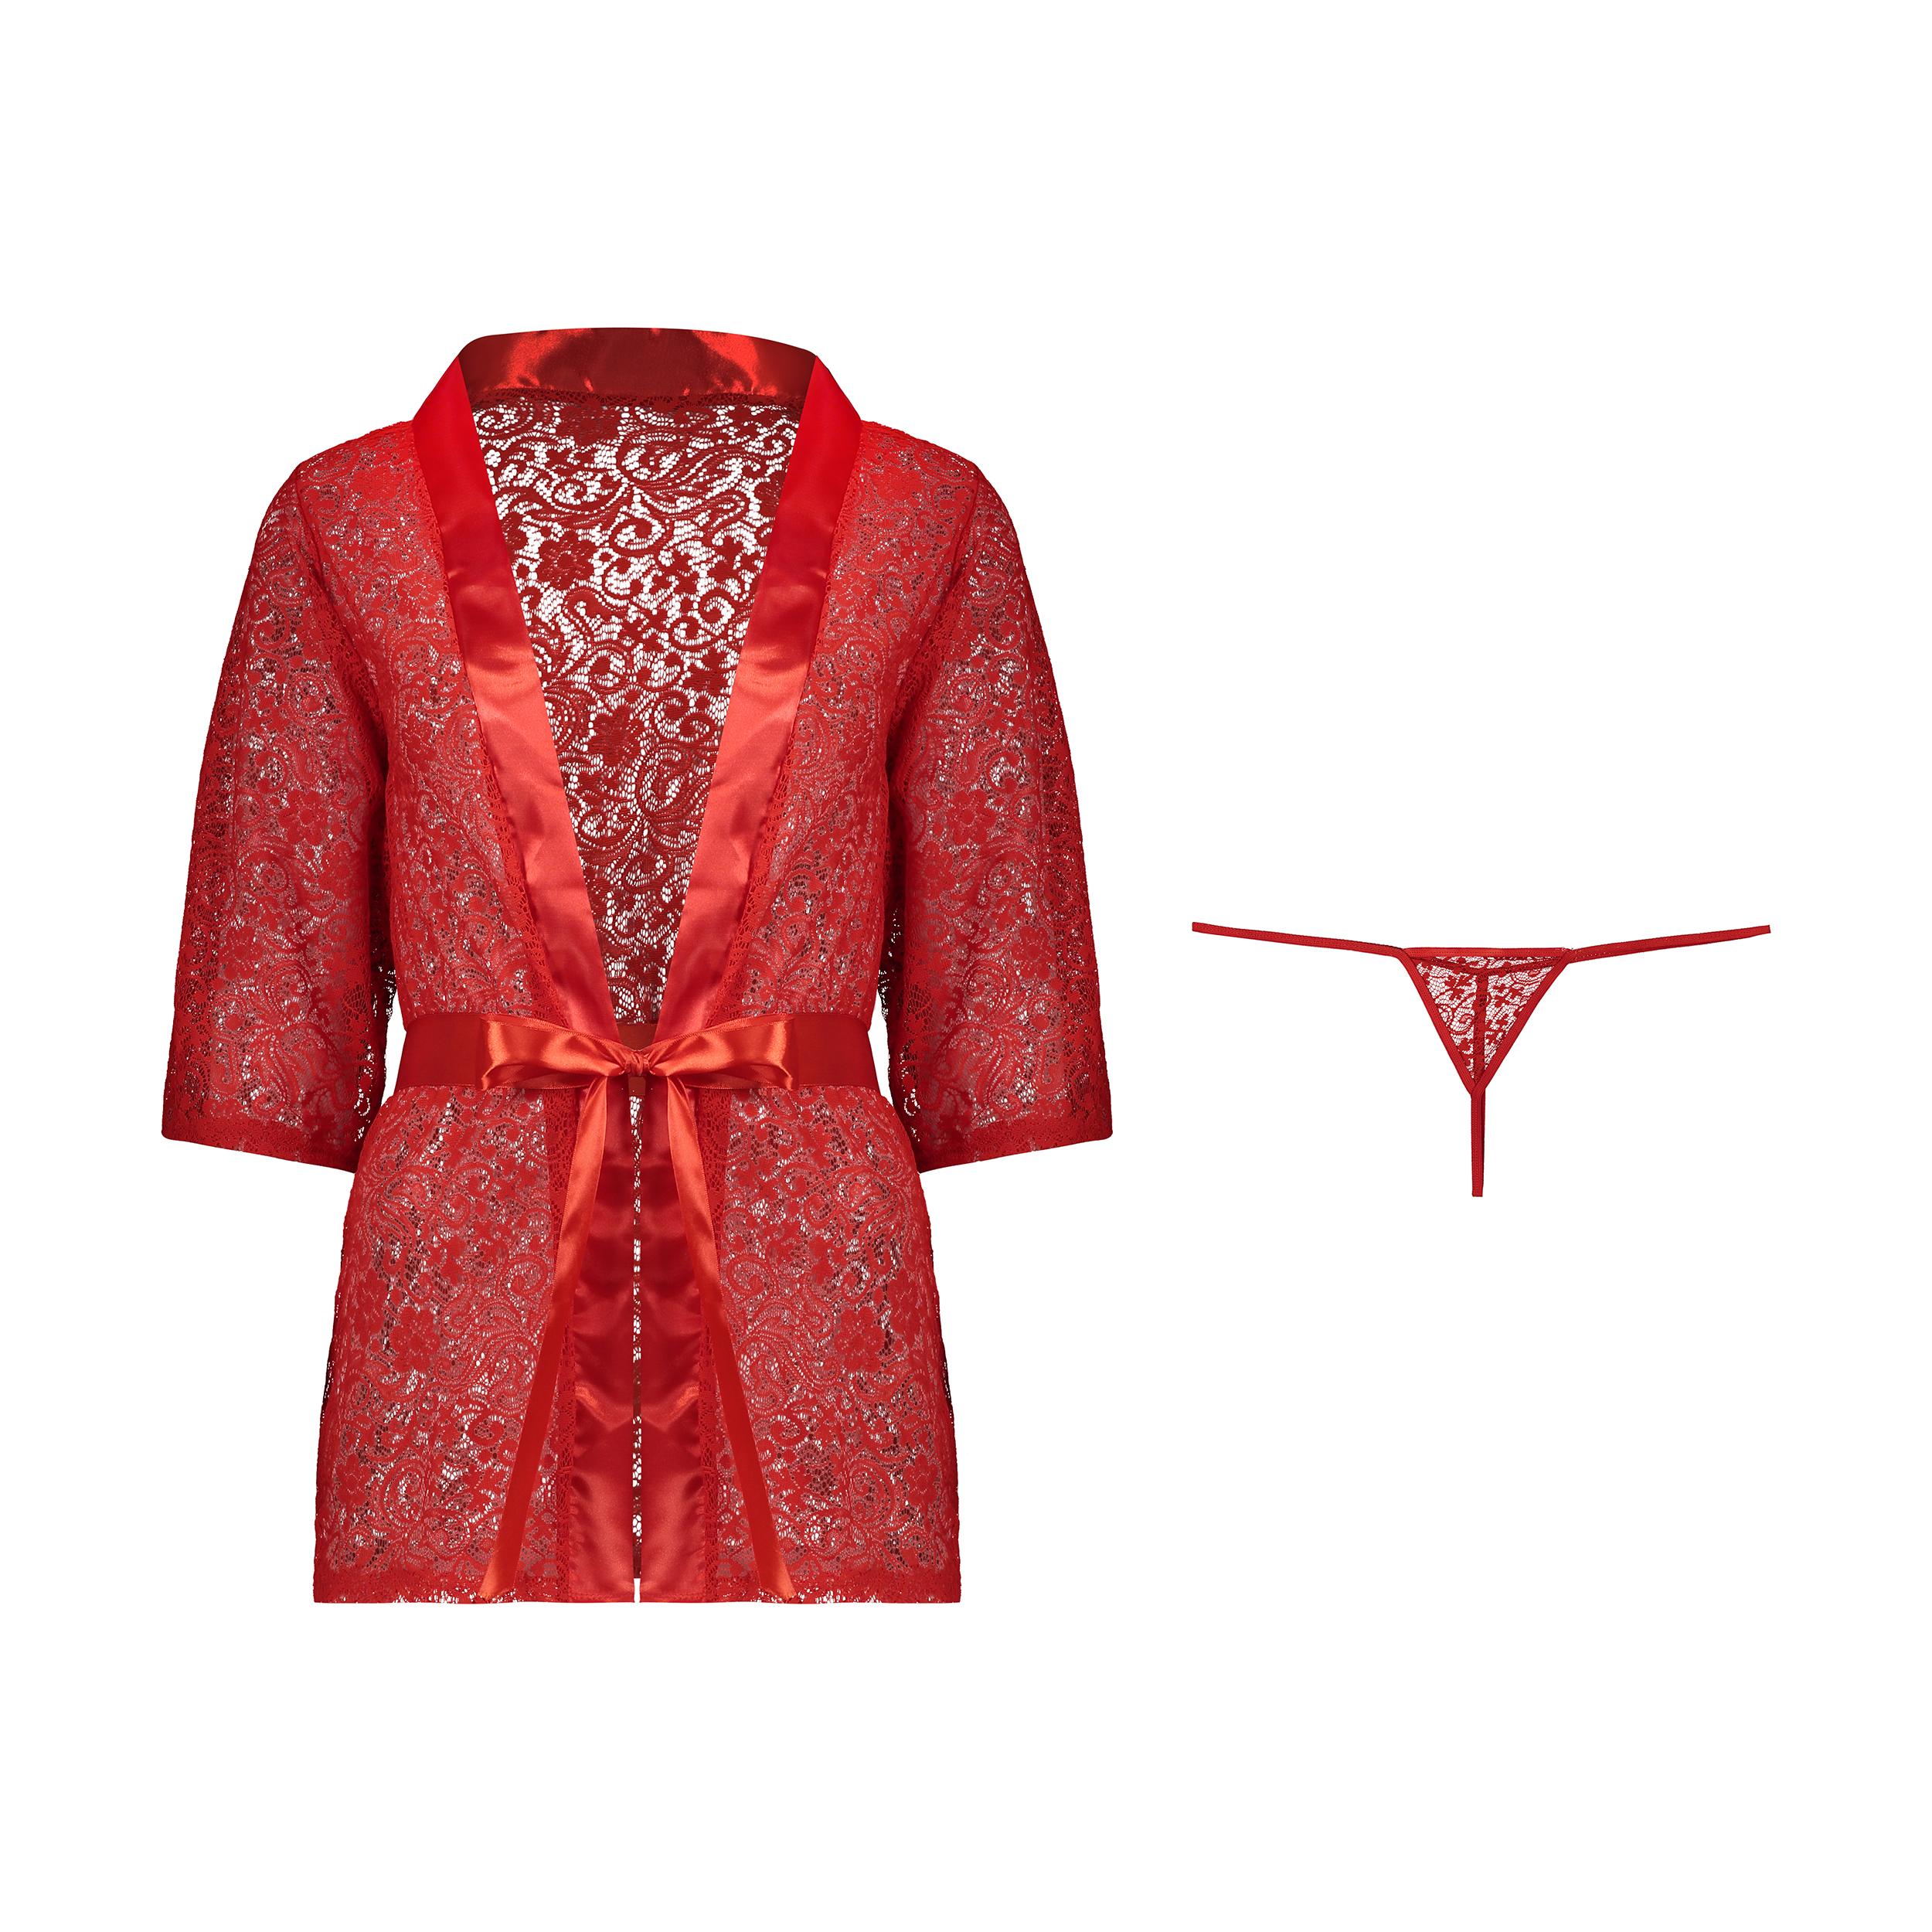 لباس خواب زنانه مدل پروانه کد 10